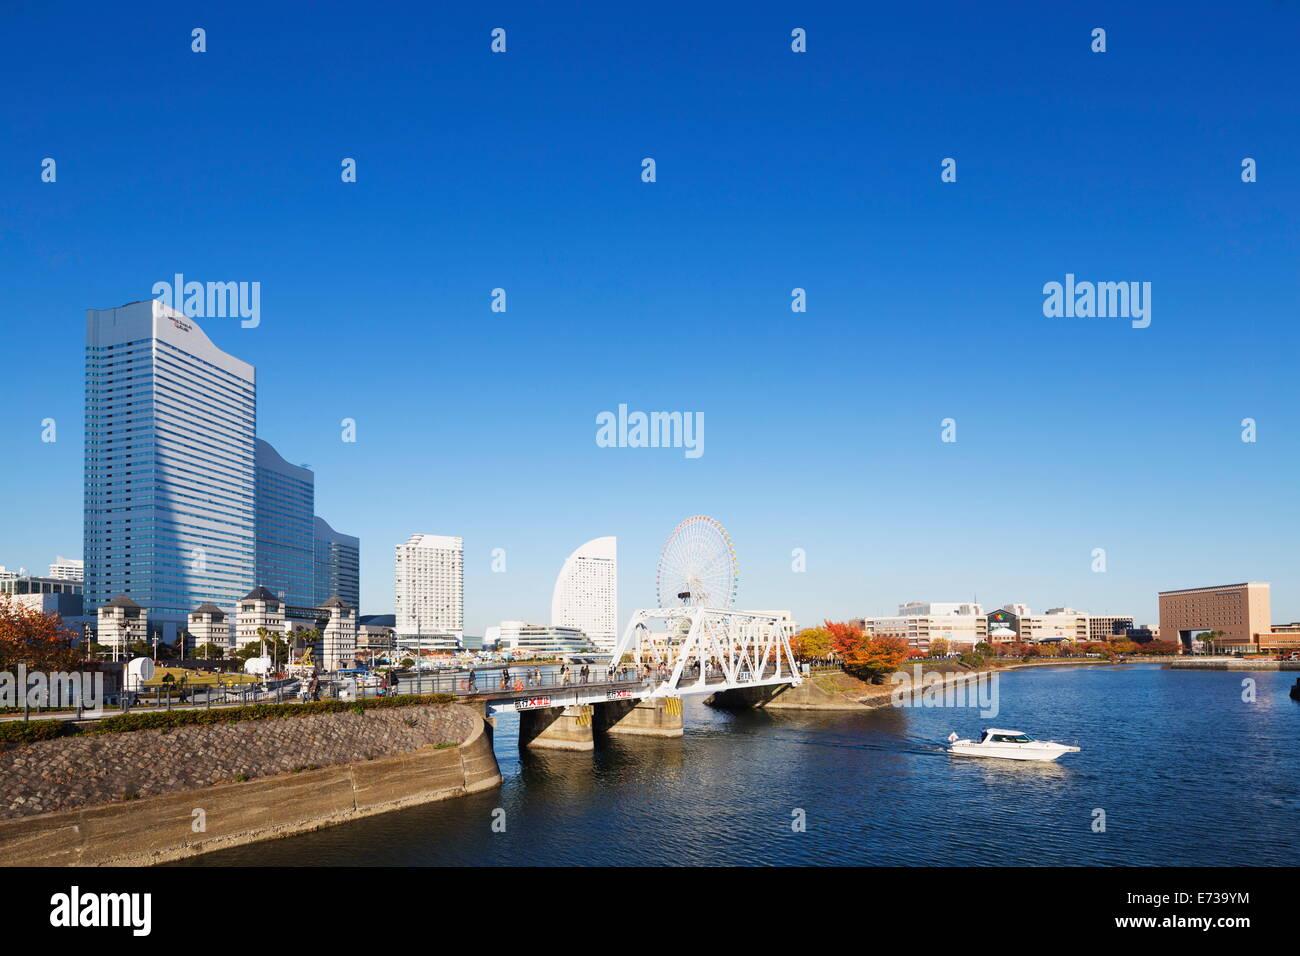 Yokohama Bay and skyline, Yokohama, Honshu, Japan, Asia - Stock Image